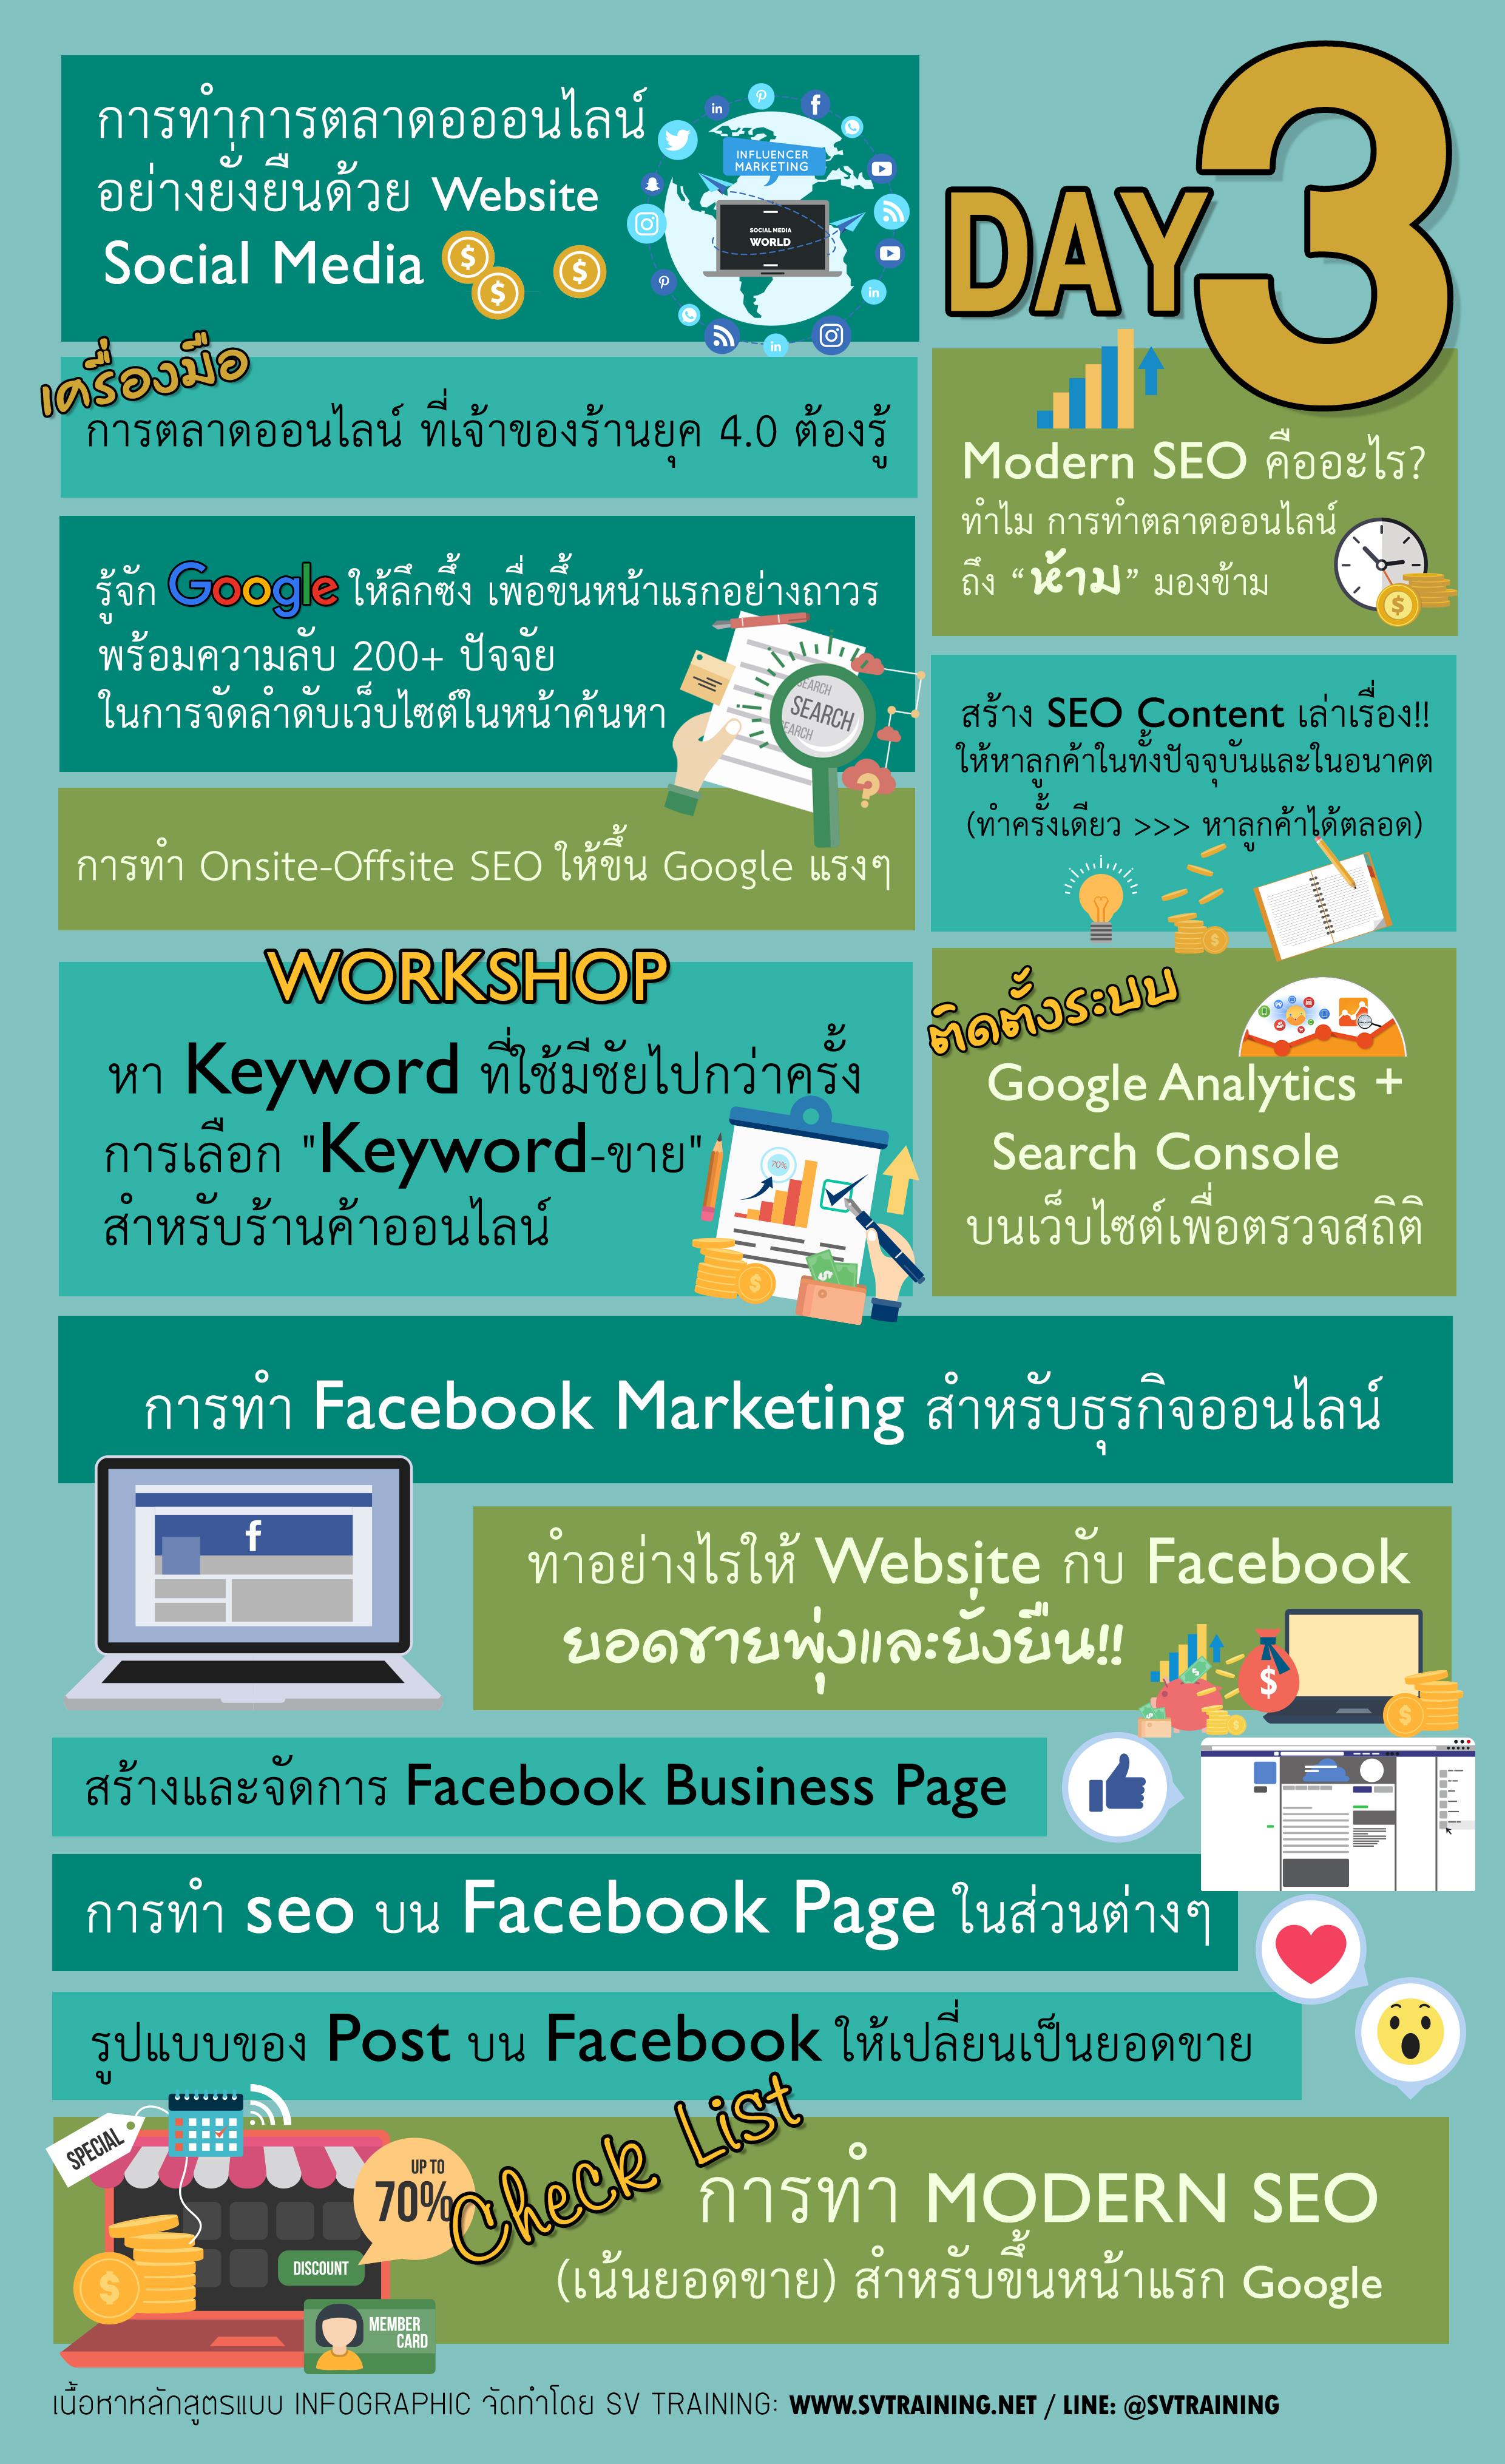 สอนการตลาดออนไลน์